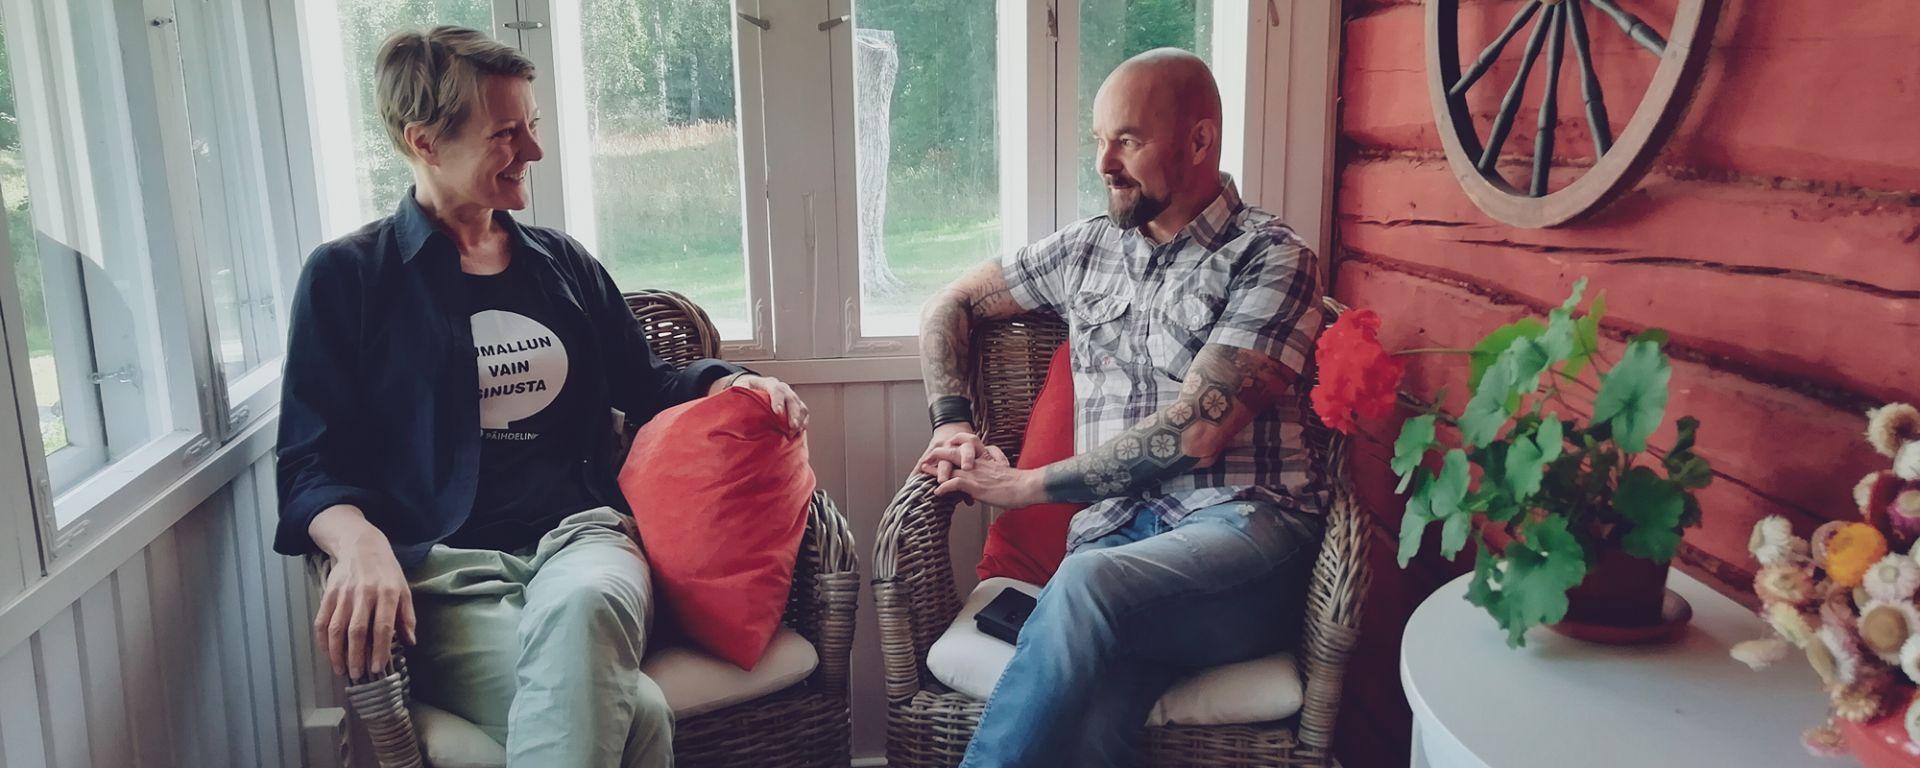 Irene Komu ja Tomi-Pekka Liias Miessakit ry:stä keskustelevat miesten erokokemuksista.